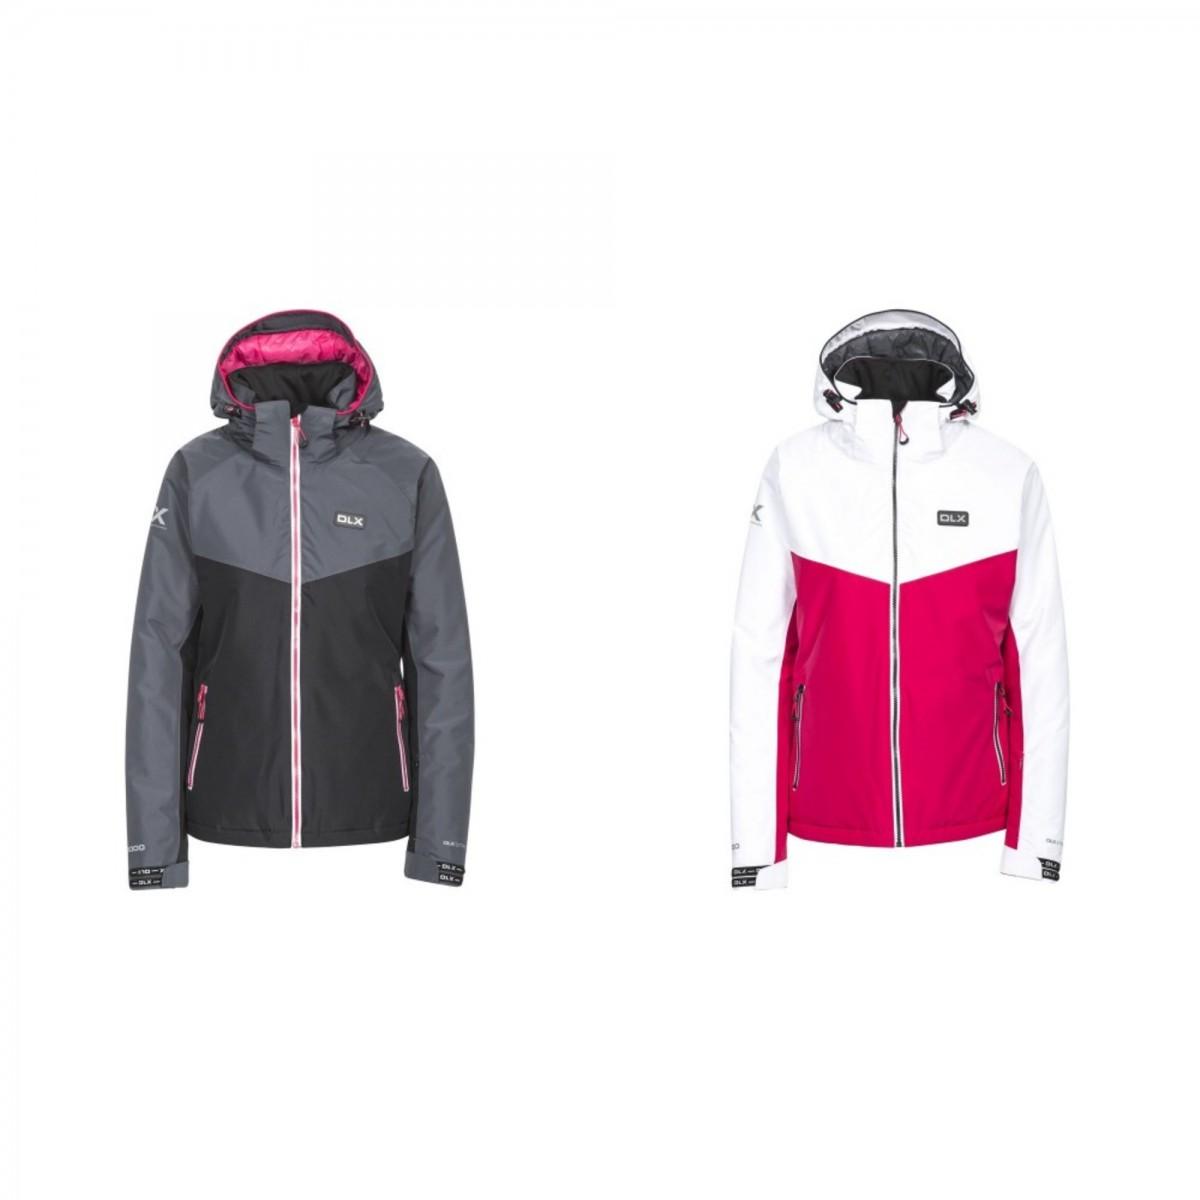 (トレスパス) Trespass レディース Crista 防水 デラックス スキージャケット 防寒 フード付き アウター 【海外直送】